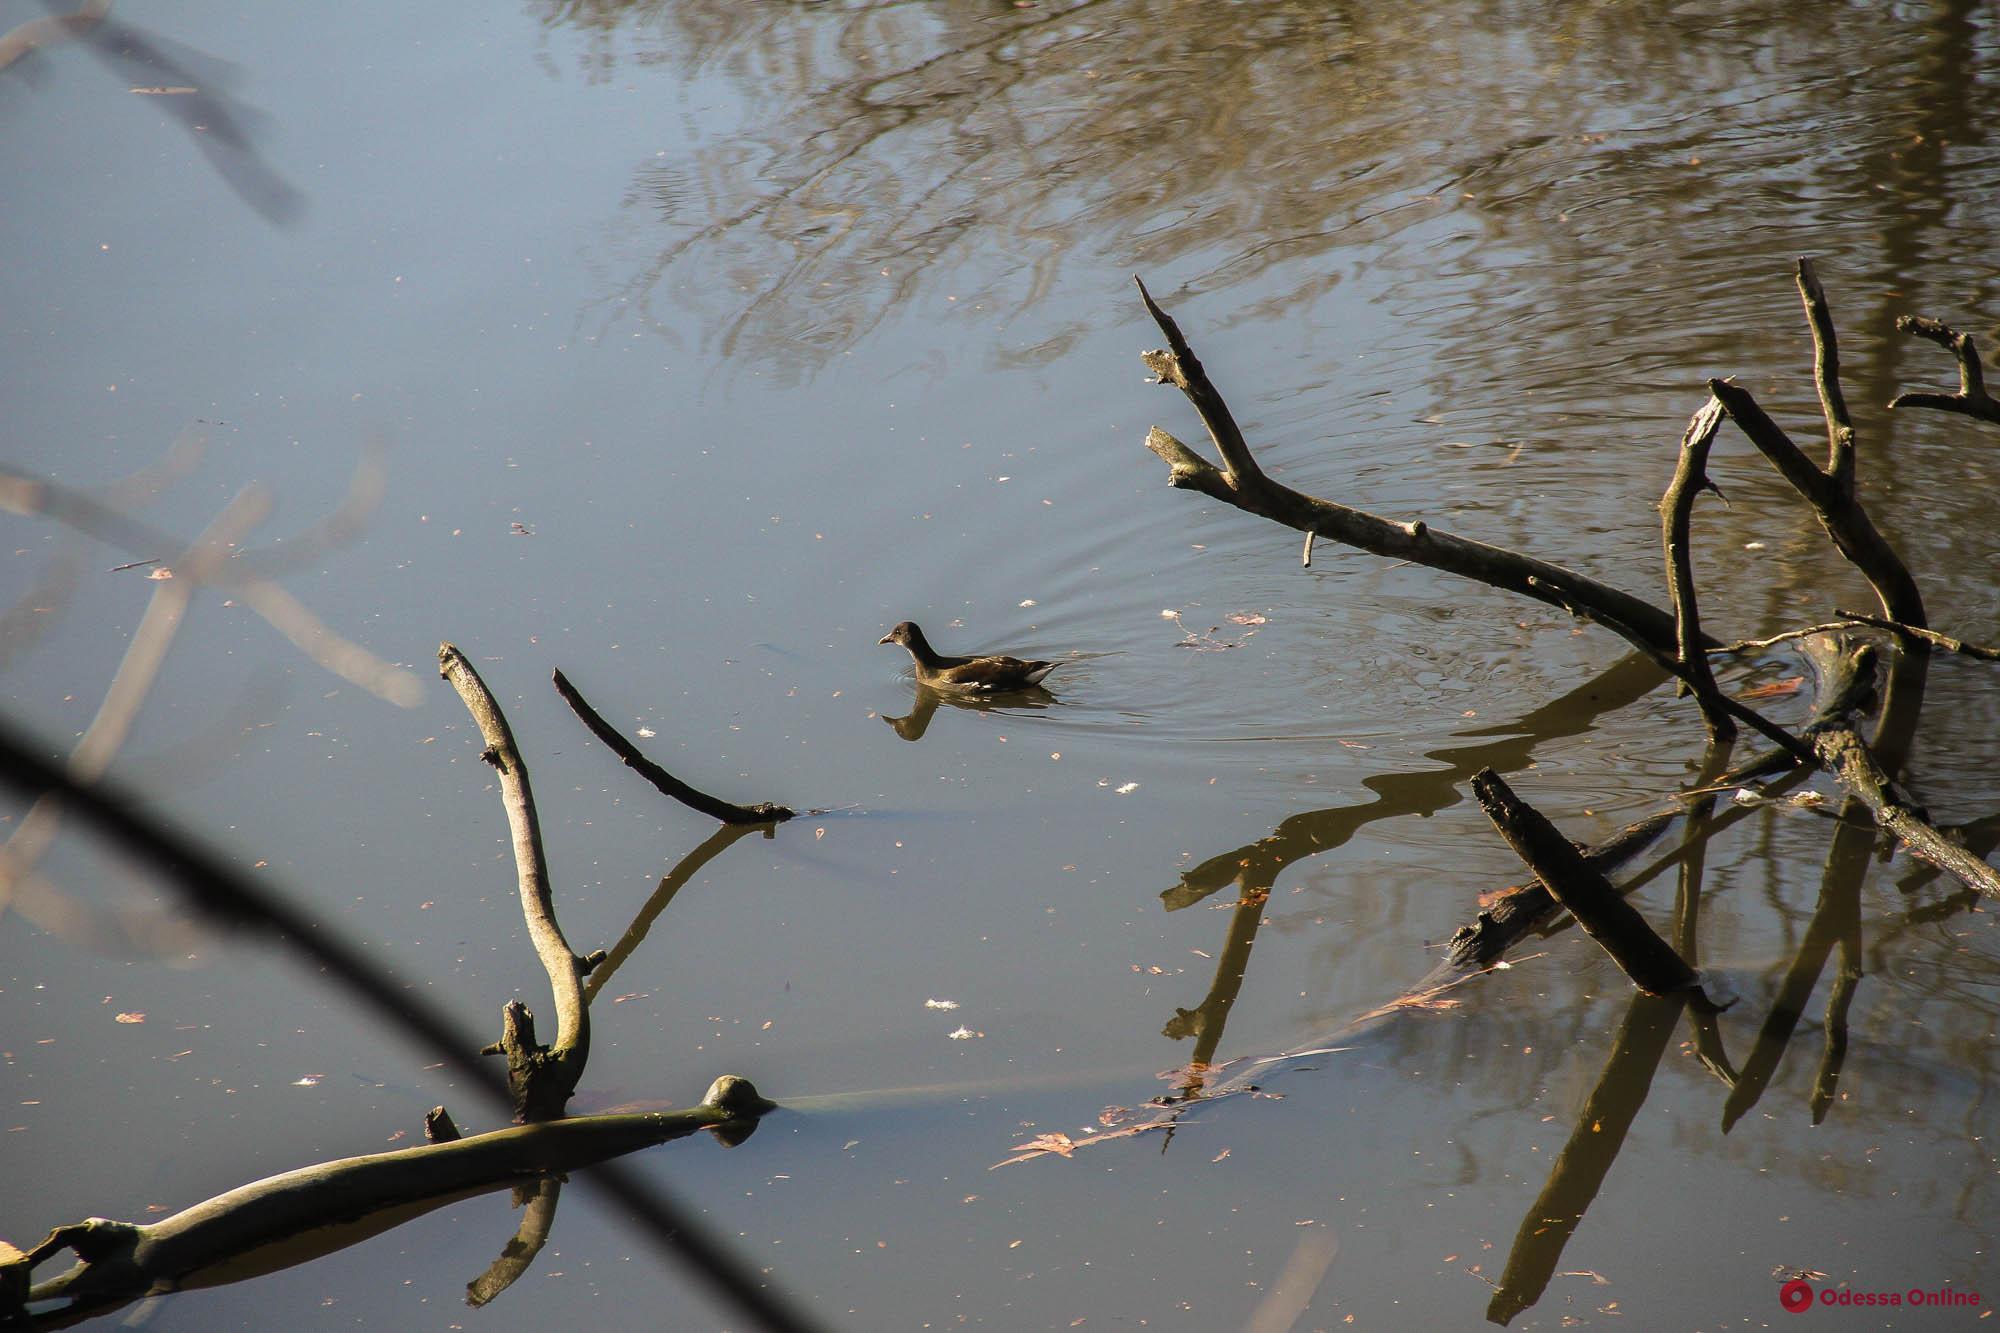 Много мусора и утки: как выглядит пруд возле бывшей джутовой фабрики (фоторепортаж)